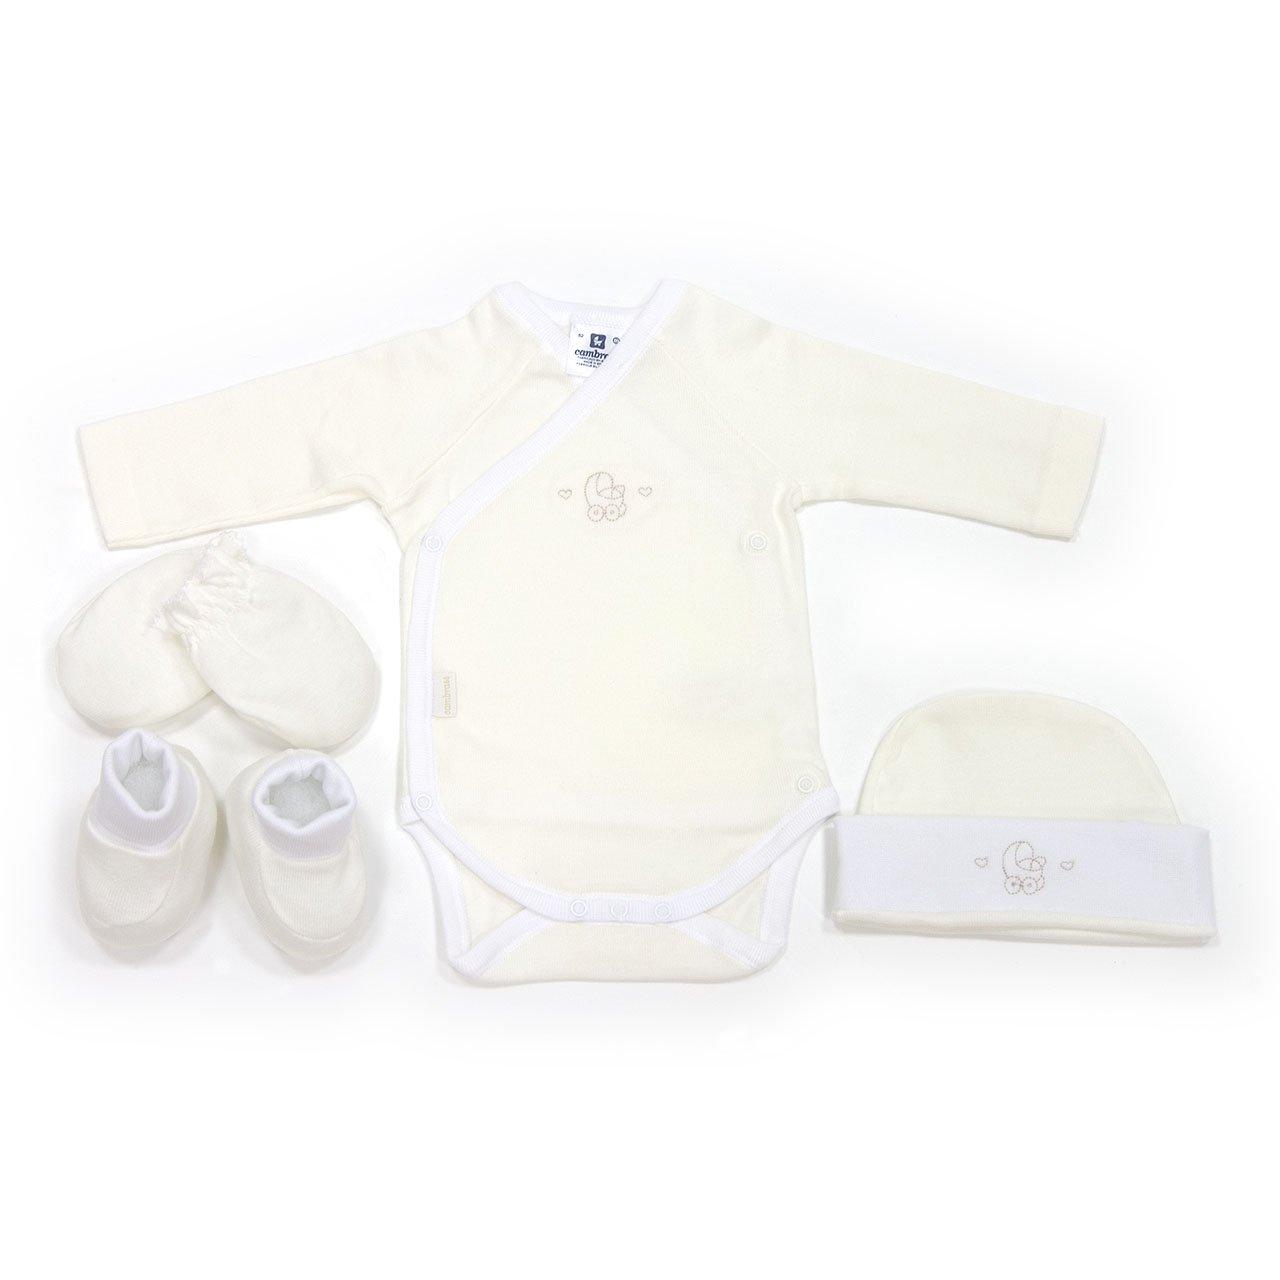 Cambrass Juego de 4 piezas para recién nacidos, talla 52 cm color blanco 22047